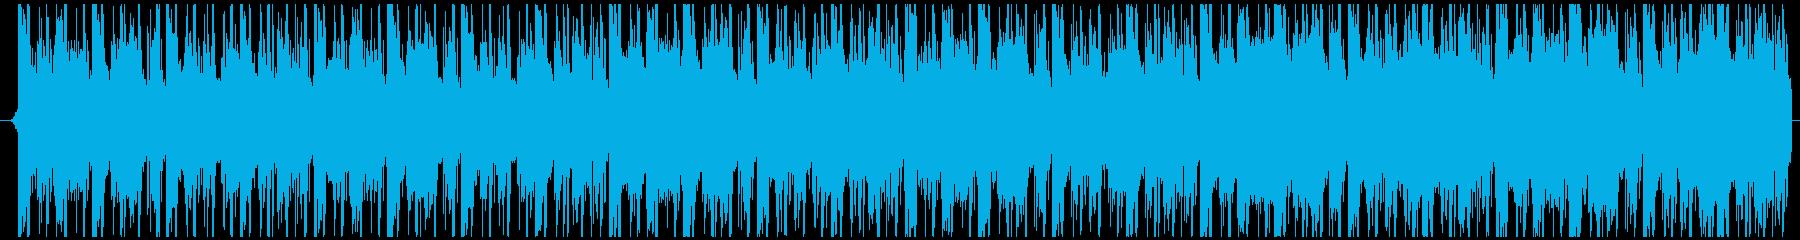 緊張感・疾走感をドラムンベースで表現の再生済みの波形